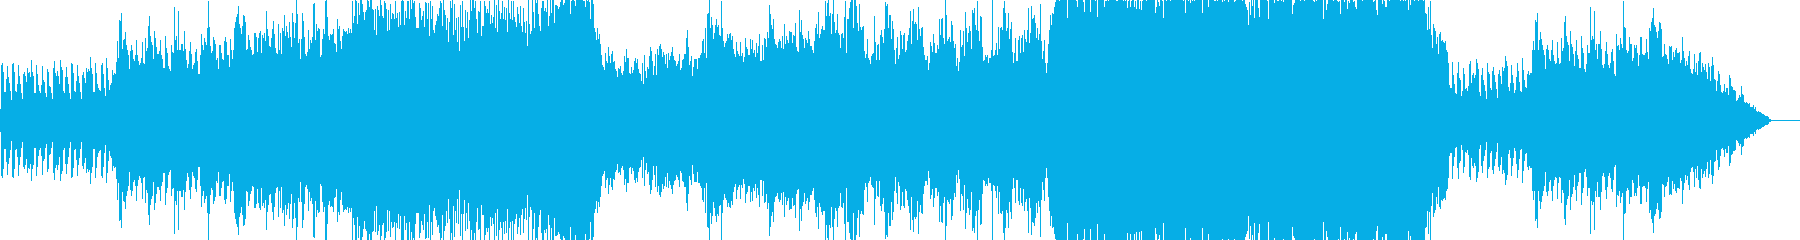 オーケストラのかっこいいゲーム用戦闘曲の再生済みの波形